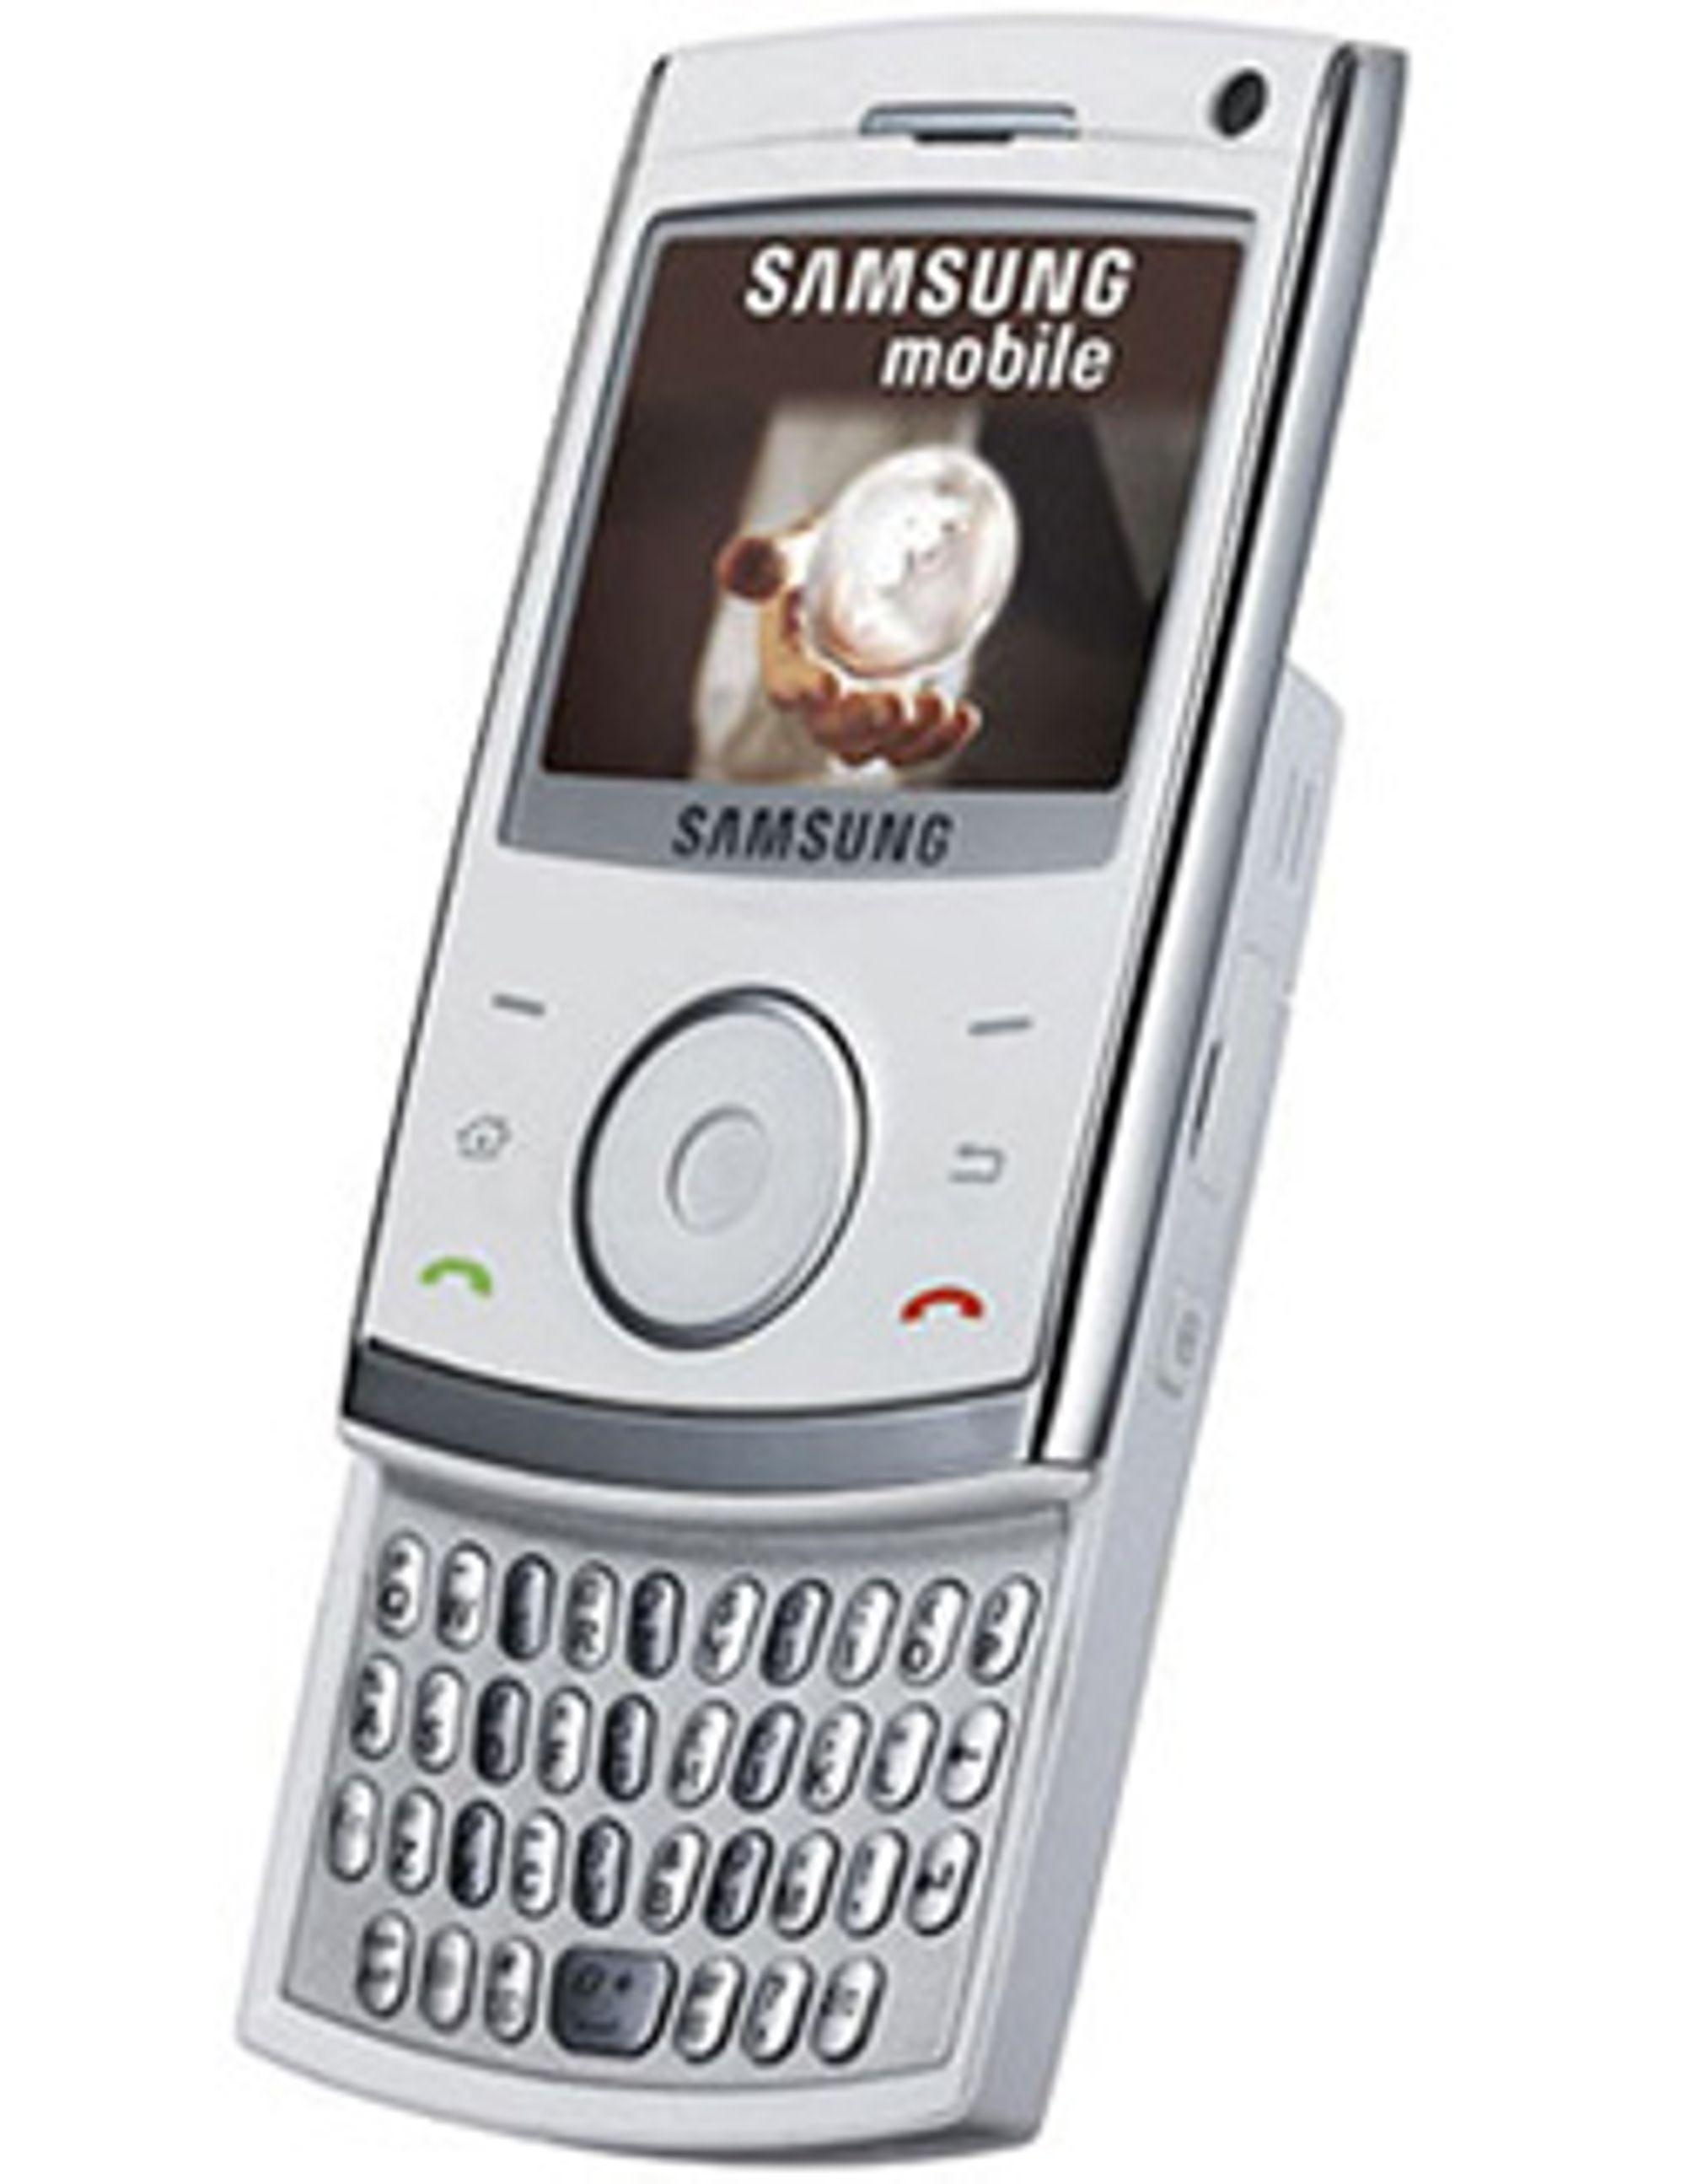 Er dette Samsungs nye forretningsmobil? (Bilde: Unwired View)